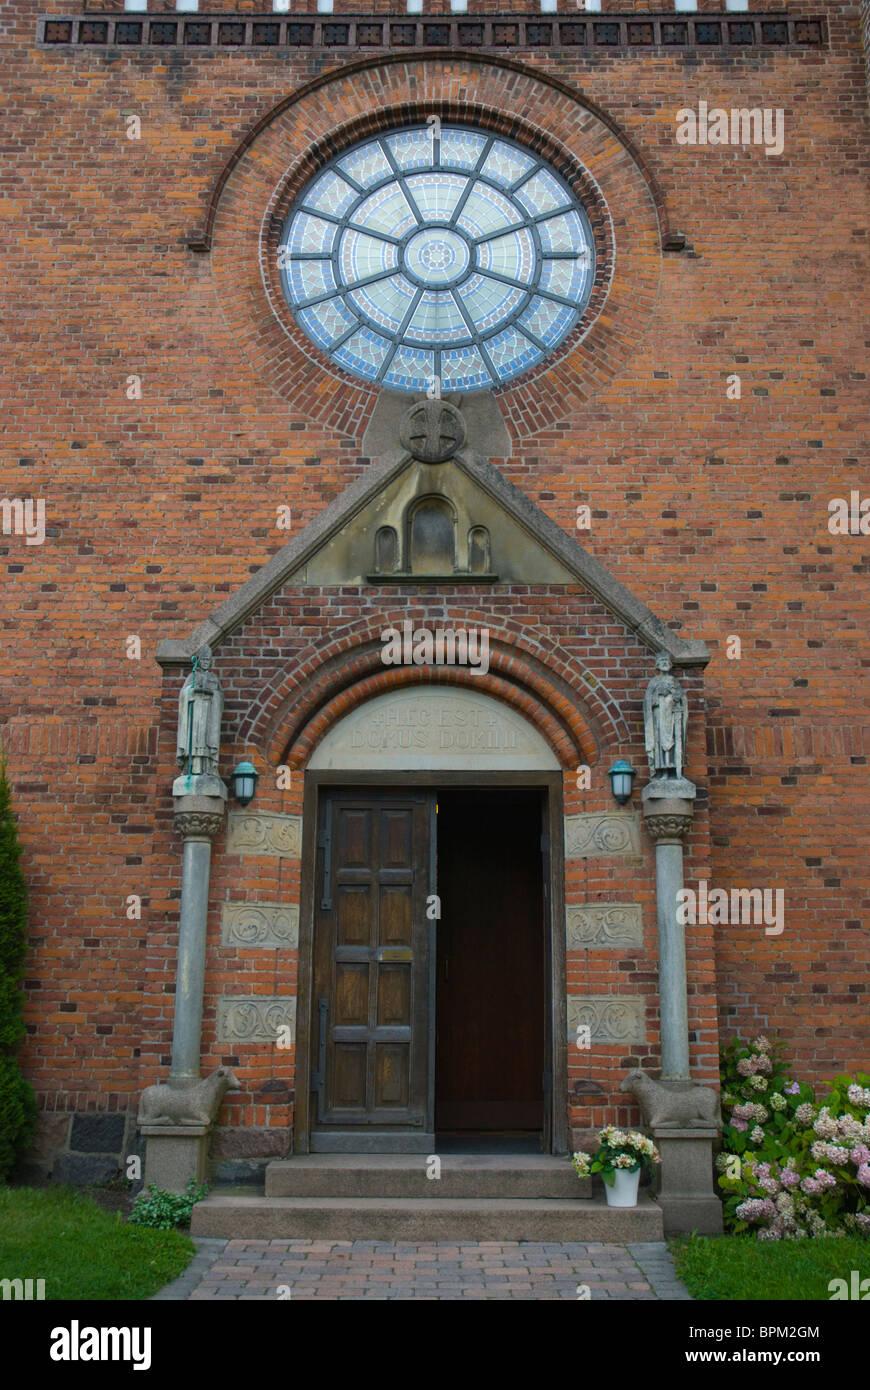 Sankt Peders kirke (St Peter's church) Roskilde Denmark Europe - Stock Image